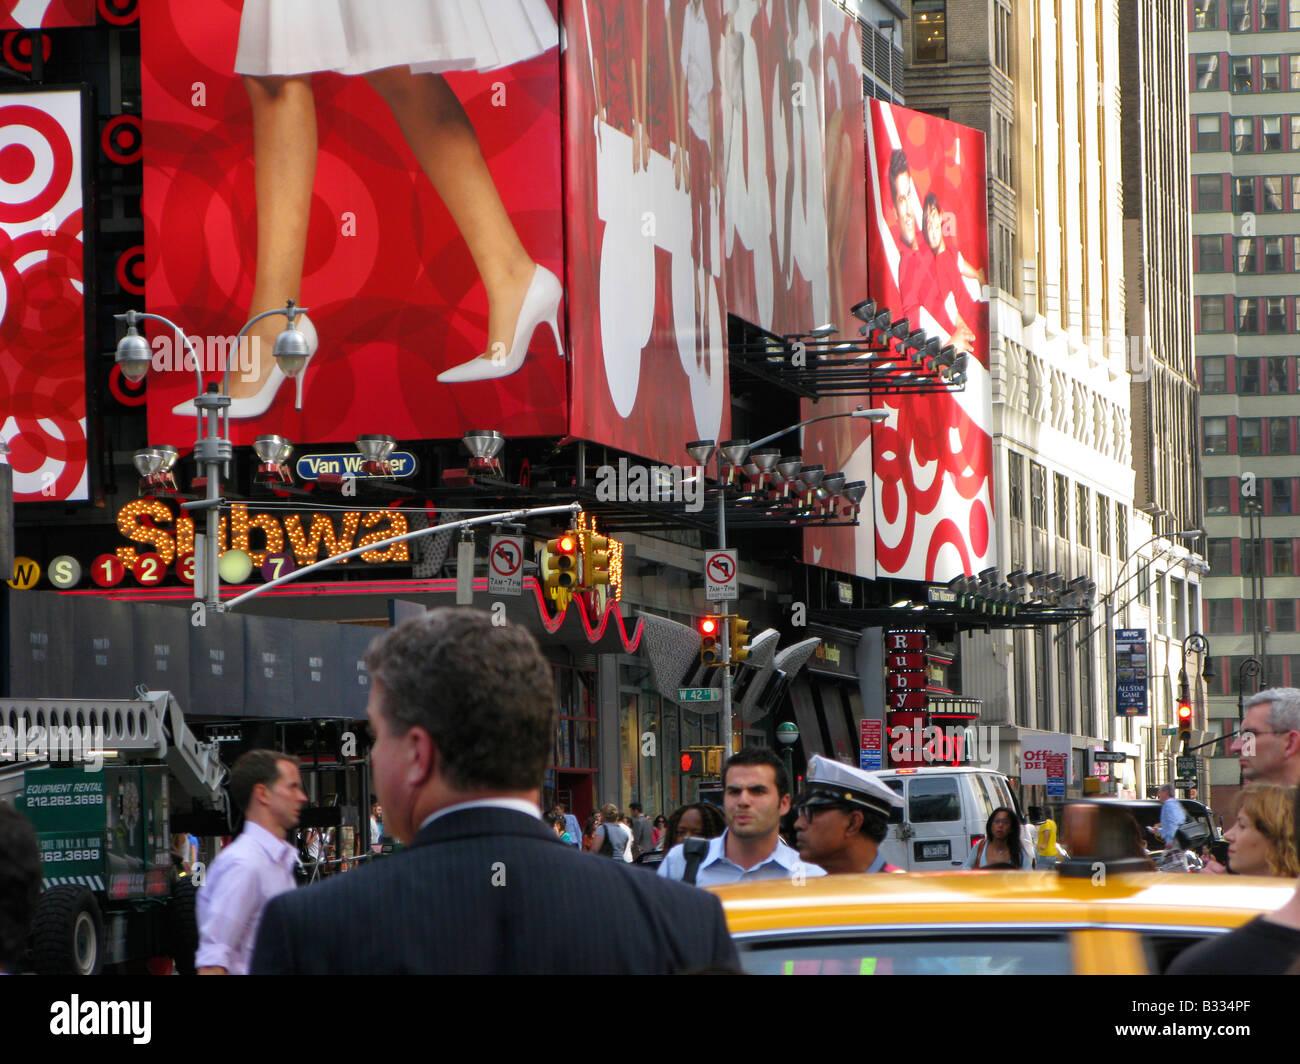 NY ad street scene - Stock Image